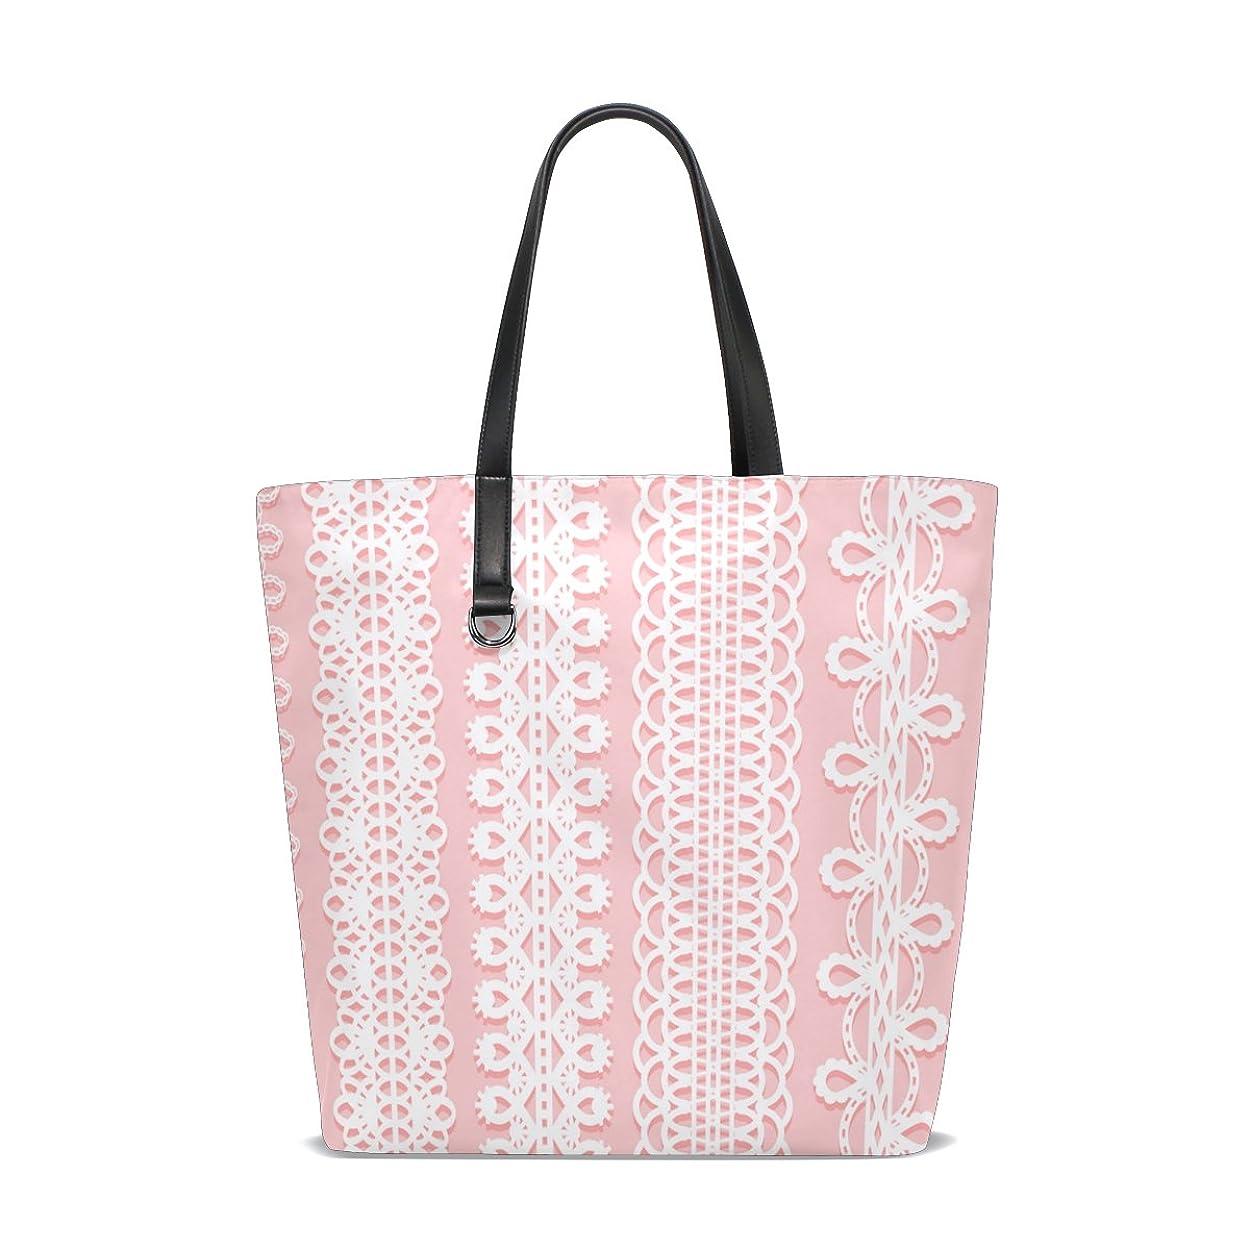 命題カタログ店員トートバッグ かばん ポリエステル+レザー  ワイドレースリボン柄 ピンク背景 両面使える 大容量 通勤通学 メンズ レディース